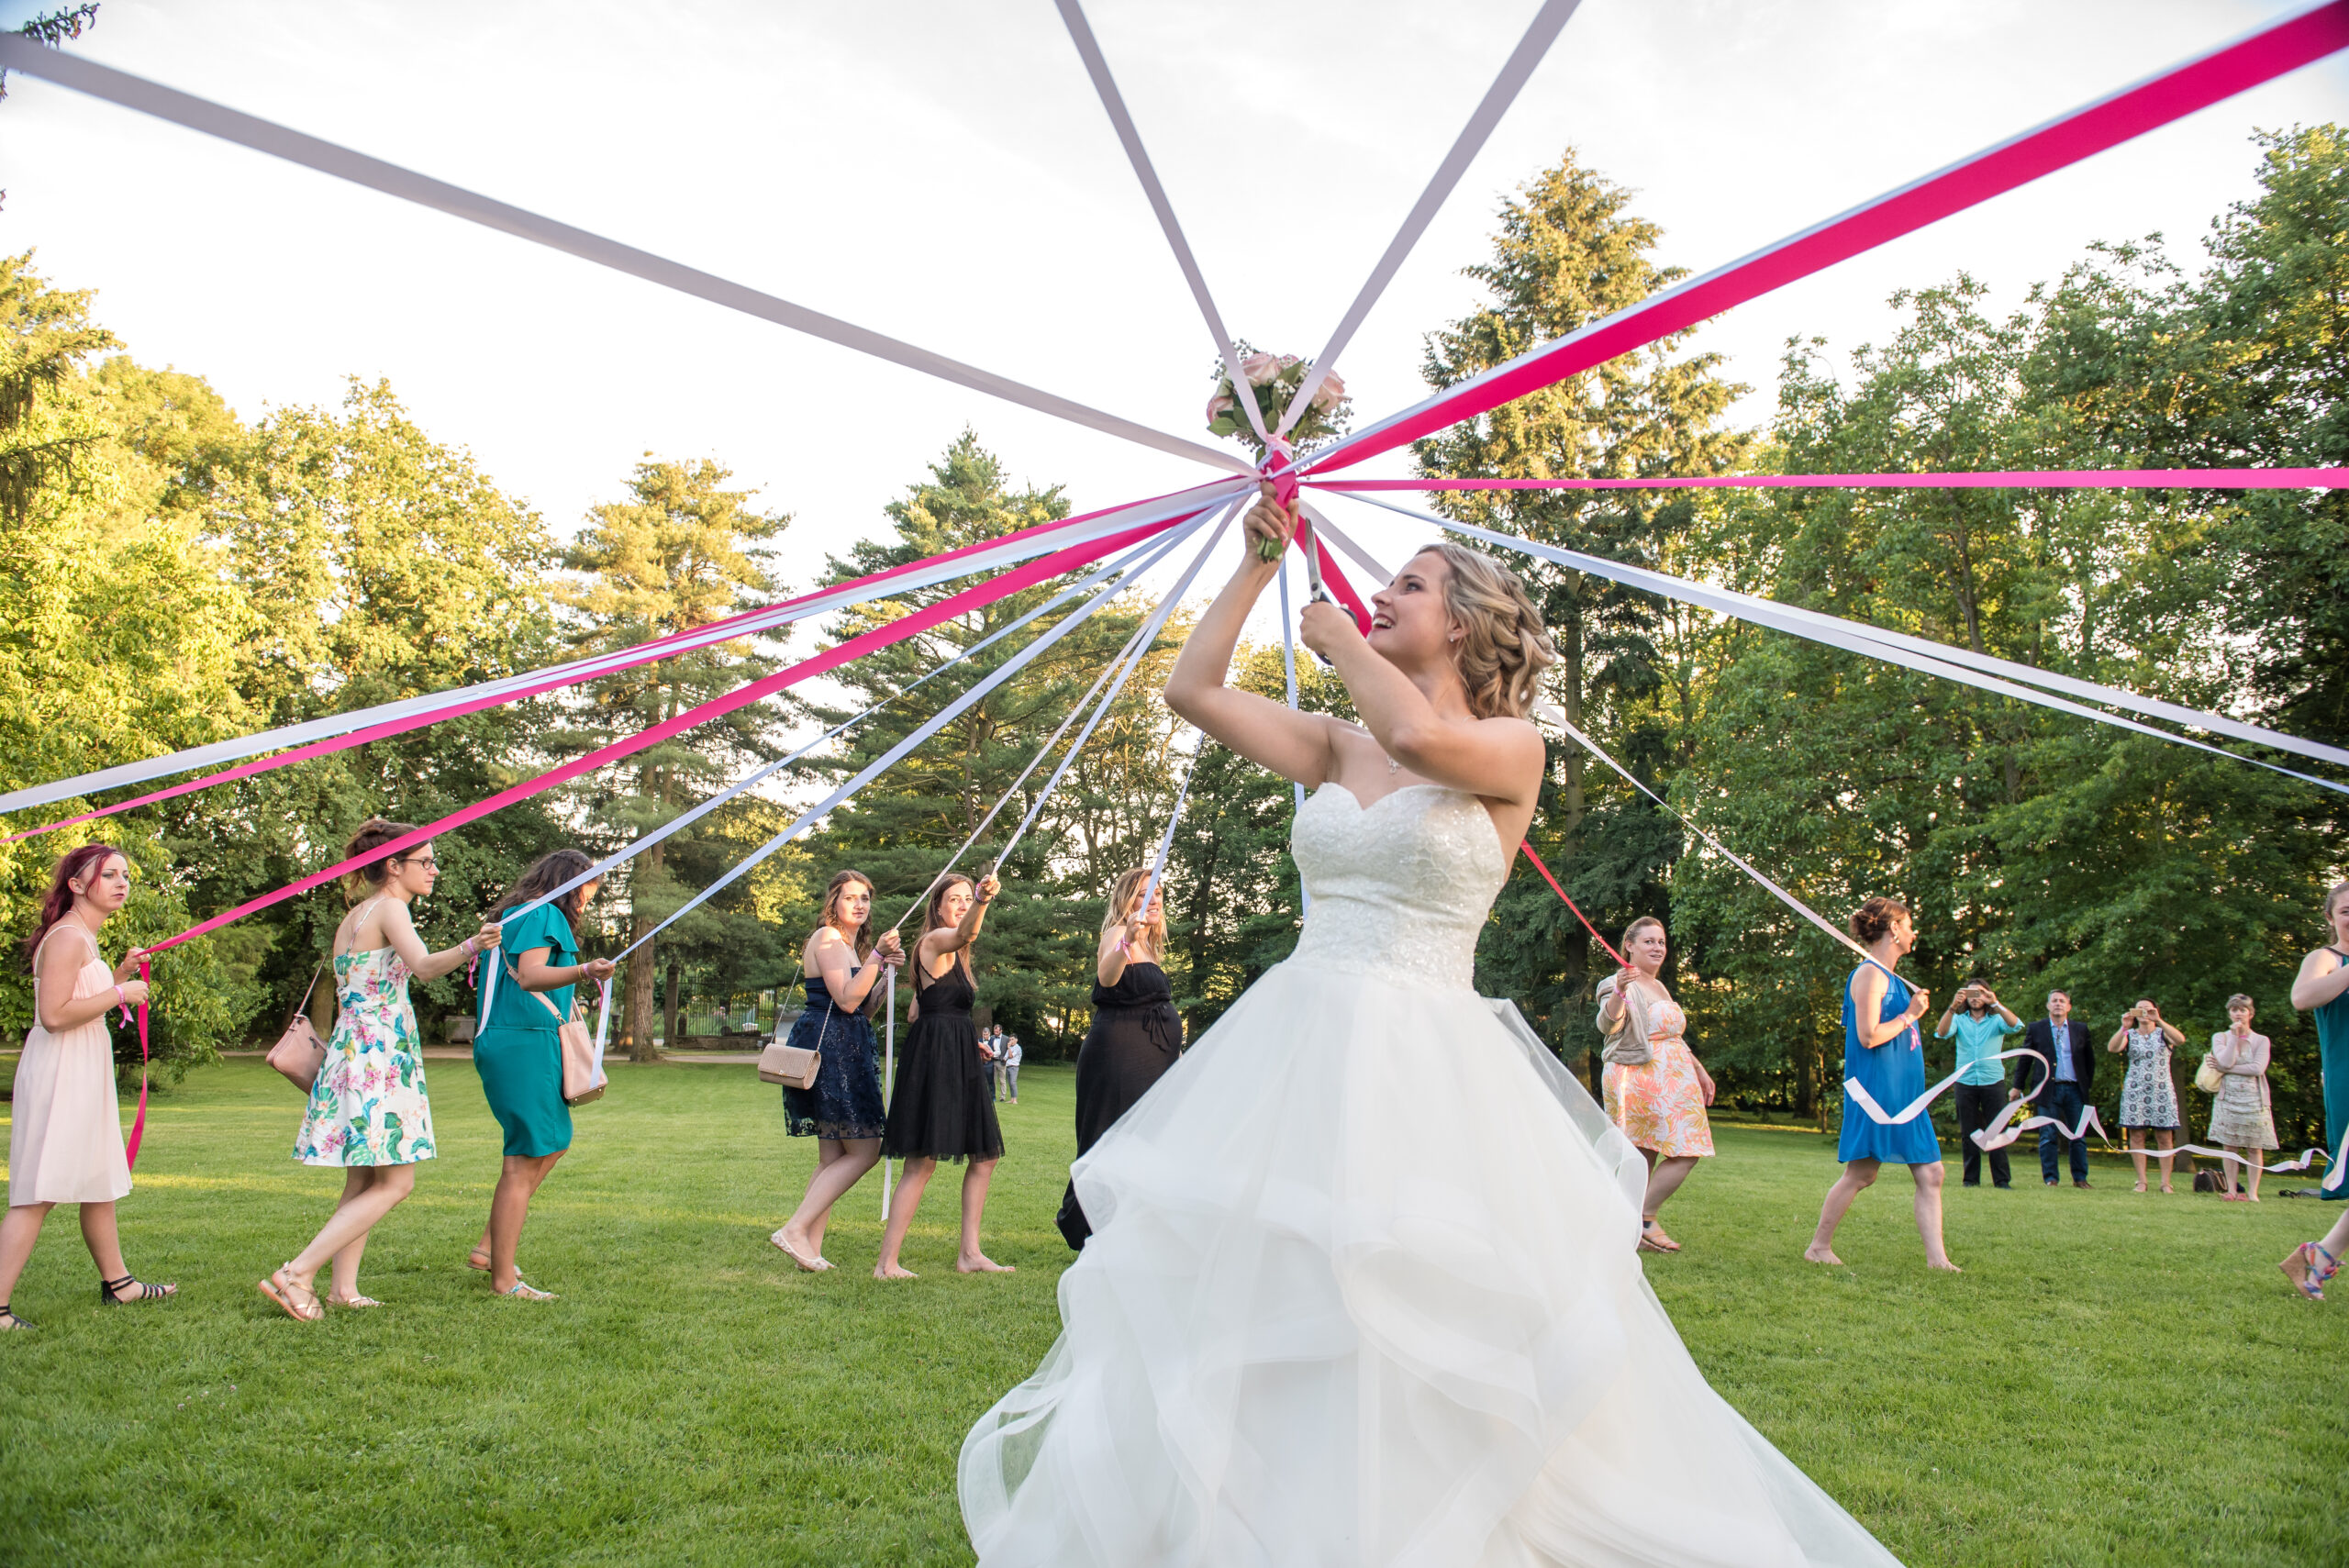 Mariée en train de tenir son bouquet en l'air et qui est relié aux convives par des bouts de tissus colorés, idée par Art Song Production